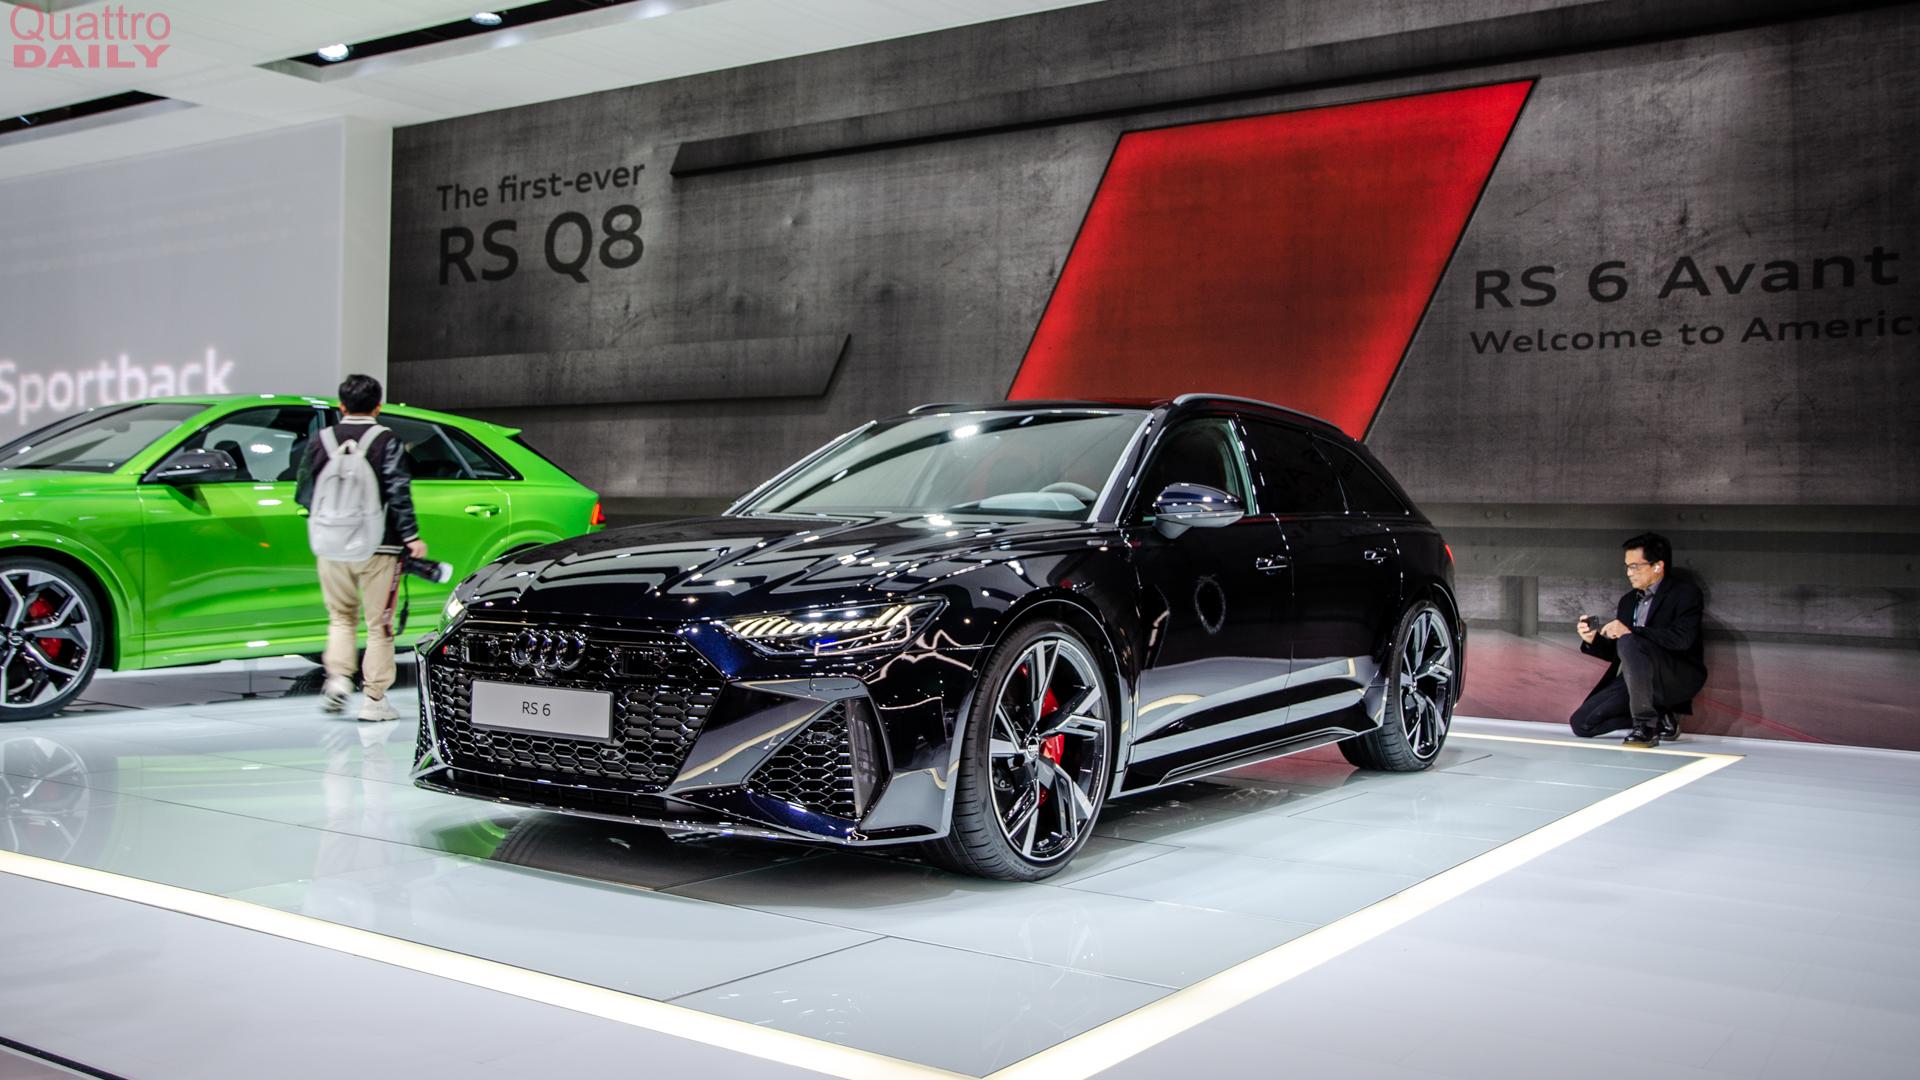 Audi RS6 Avant LA Auto Show 1 of 7